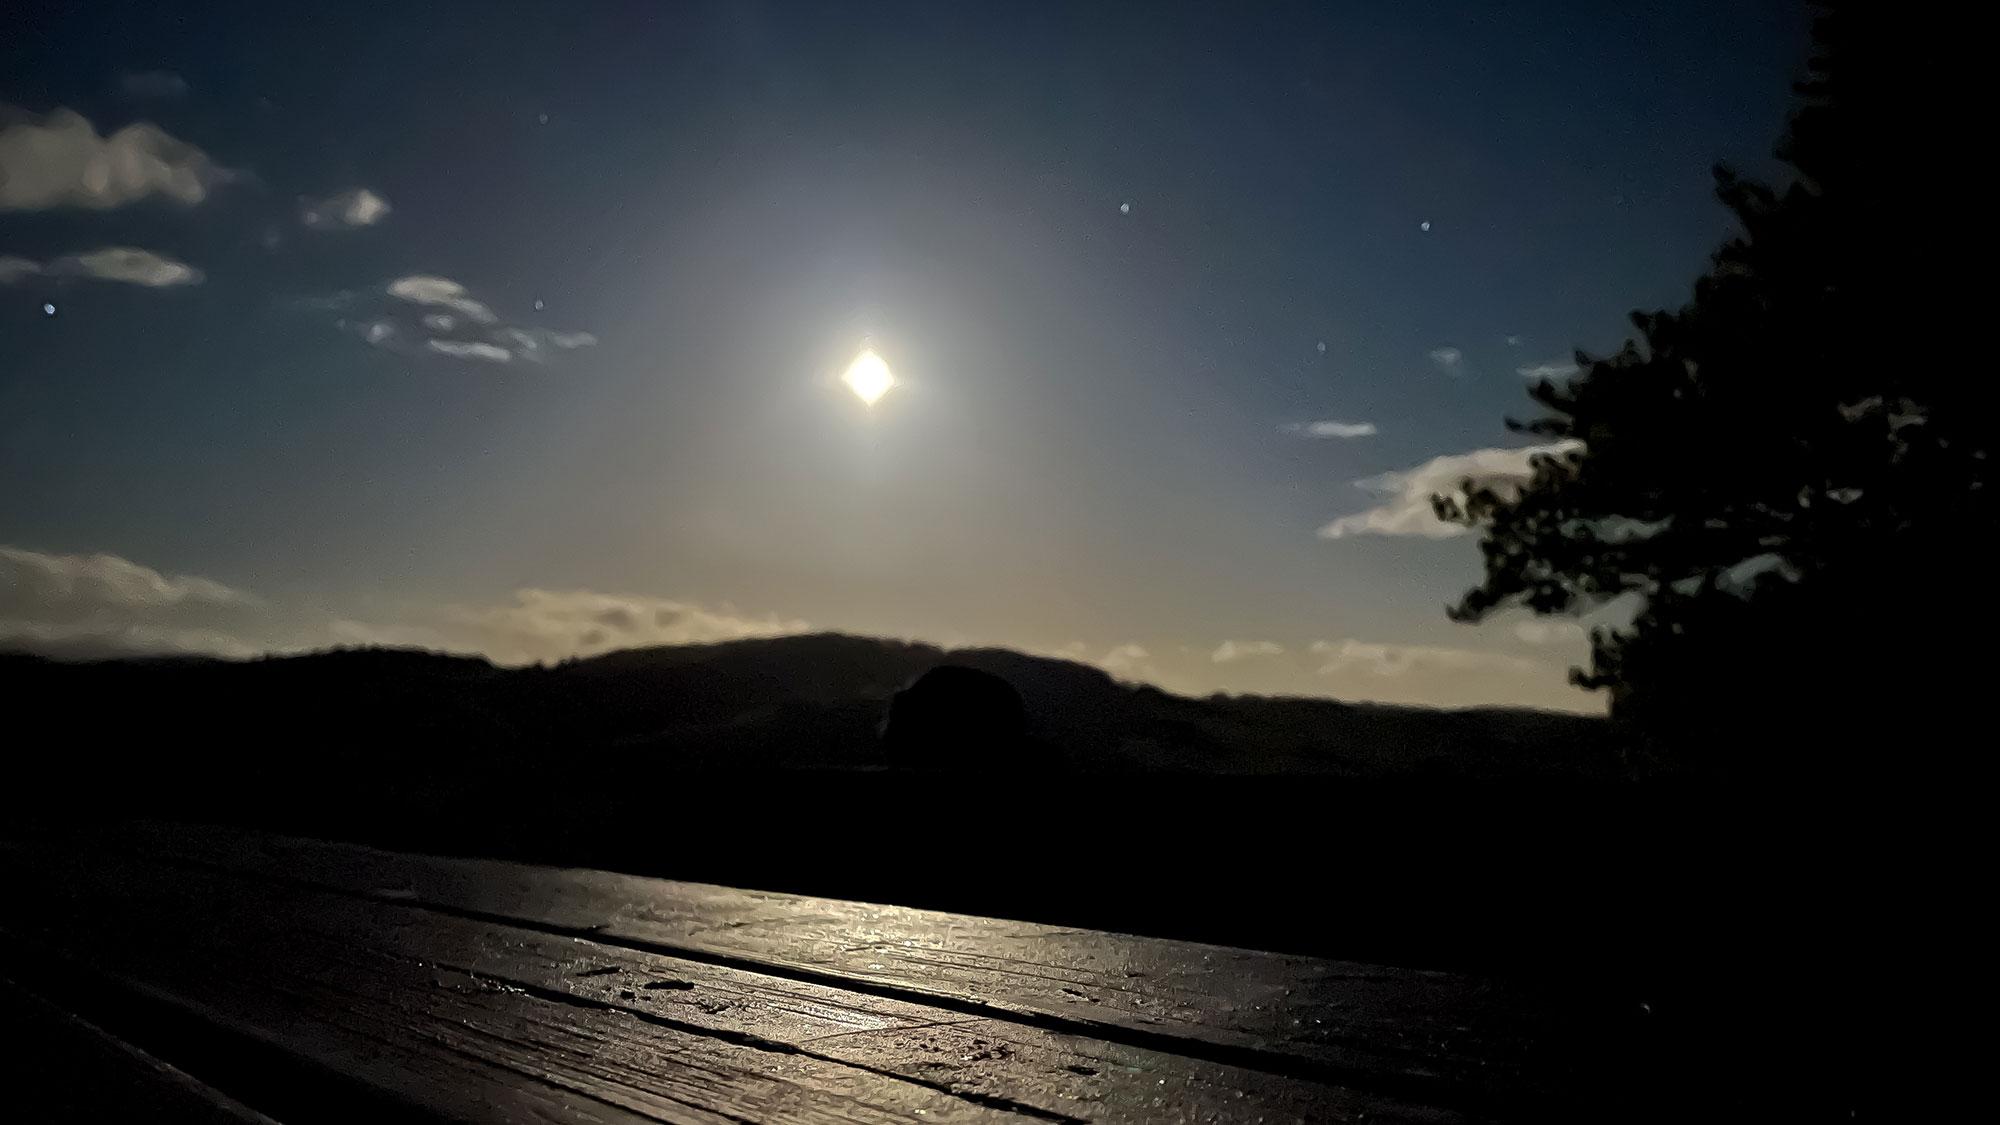 Mondlicht am Trekkinplatz-Eimelrod